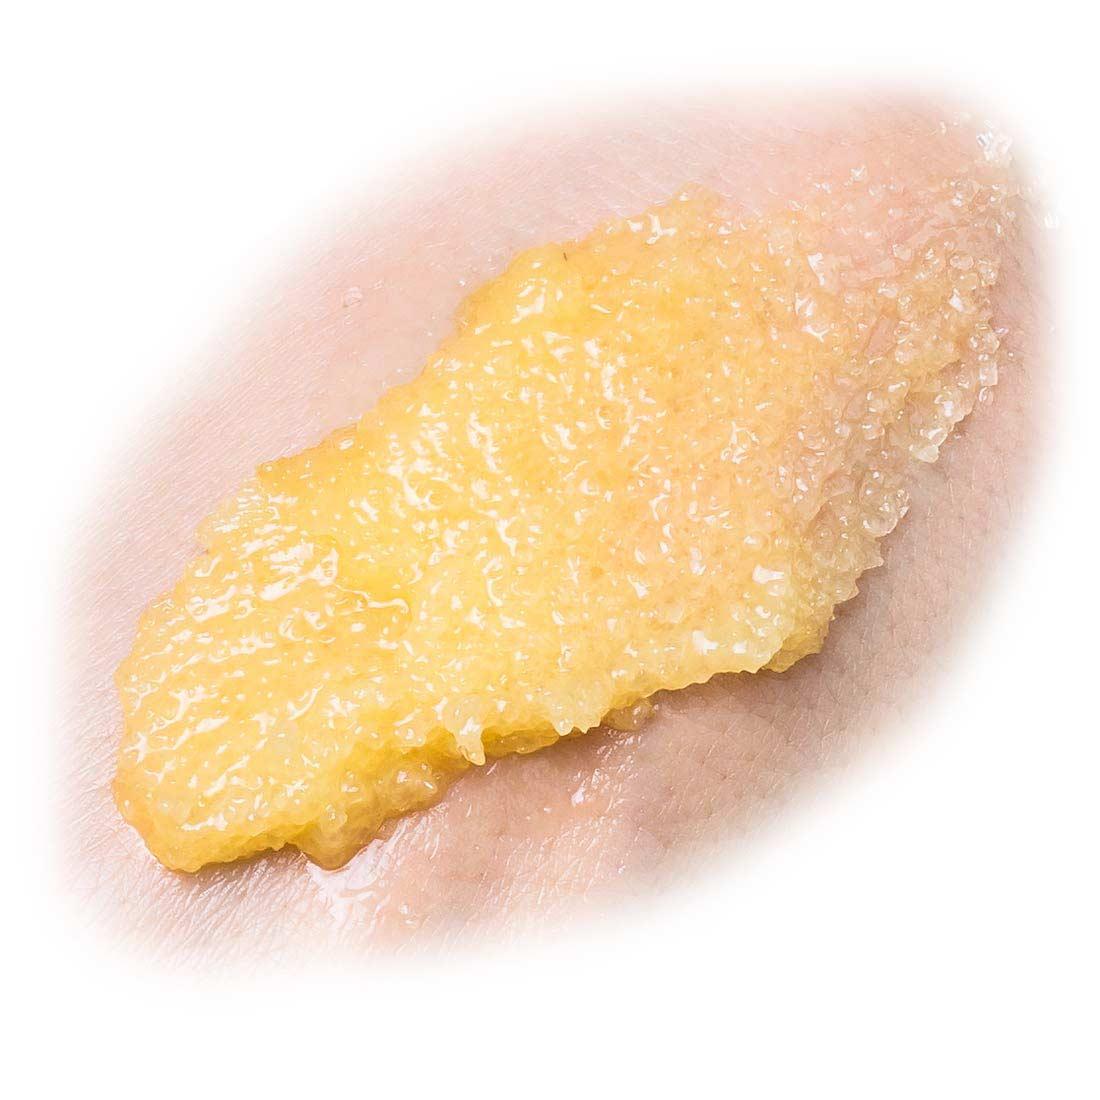 Cukrowy peeling do ciała z pomarańczą - Topaz Glamour